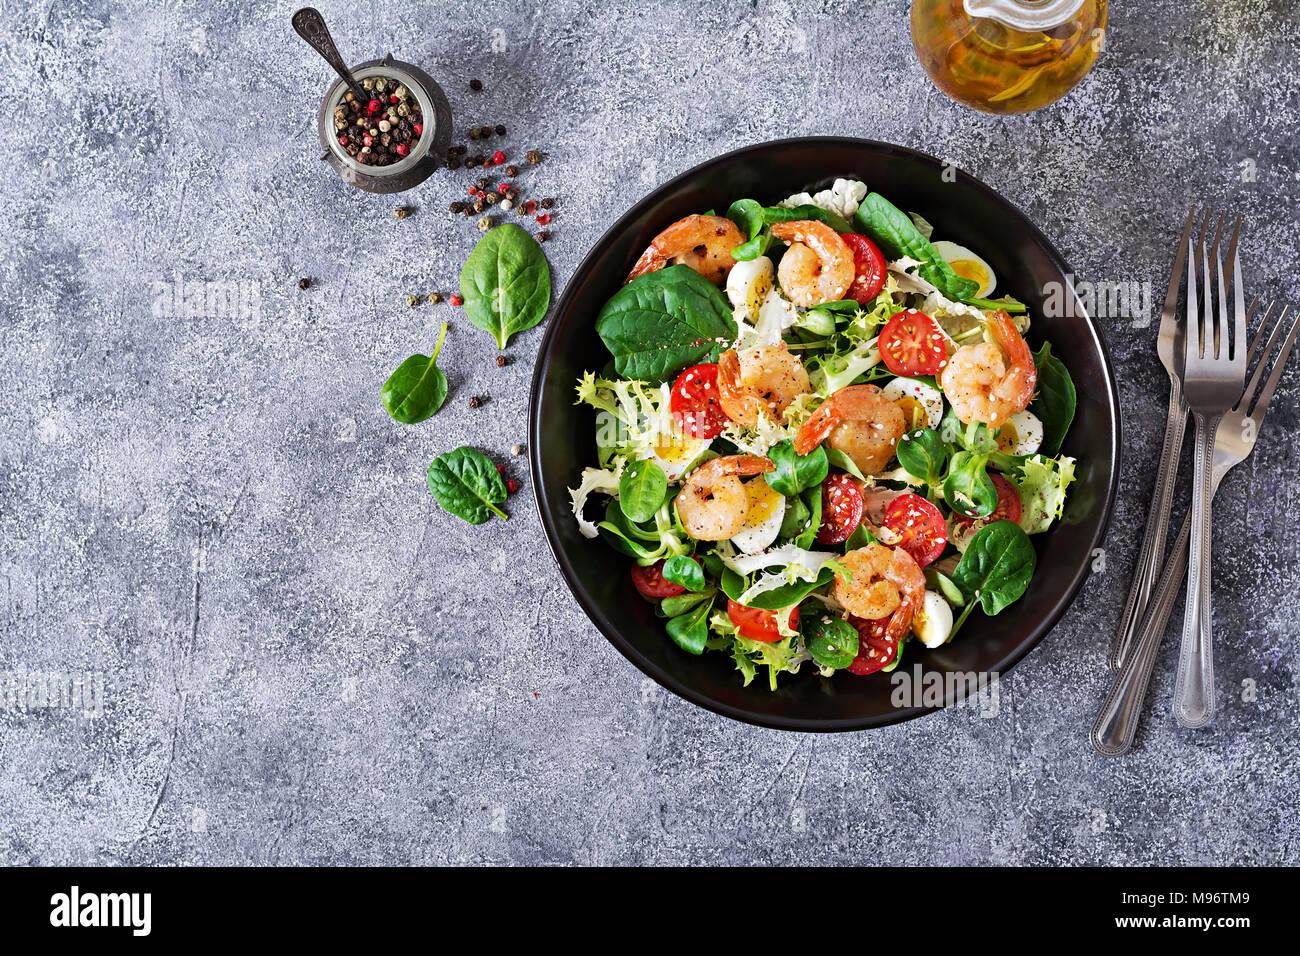 Insalata sana piastra. Piatti a base di frutti di mare freschi ricetta. I gamberi alla griglia e una fresca insalata di verdure e uova. Grigliata di gamberi. Cibo sano. Lay piatto. Vista superiore Immagini Stock